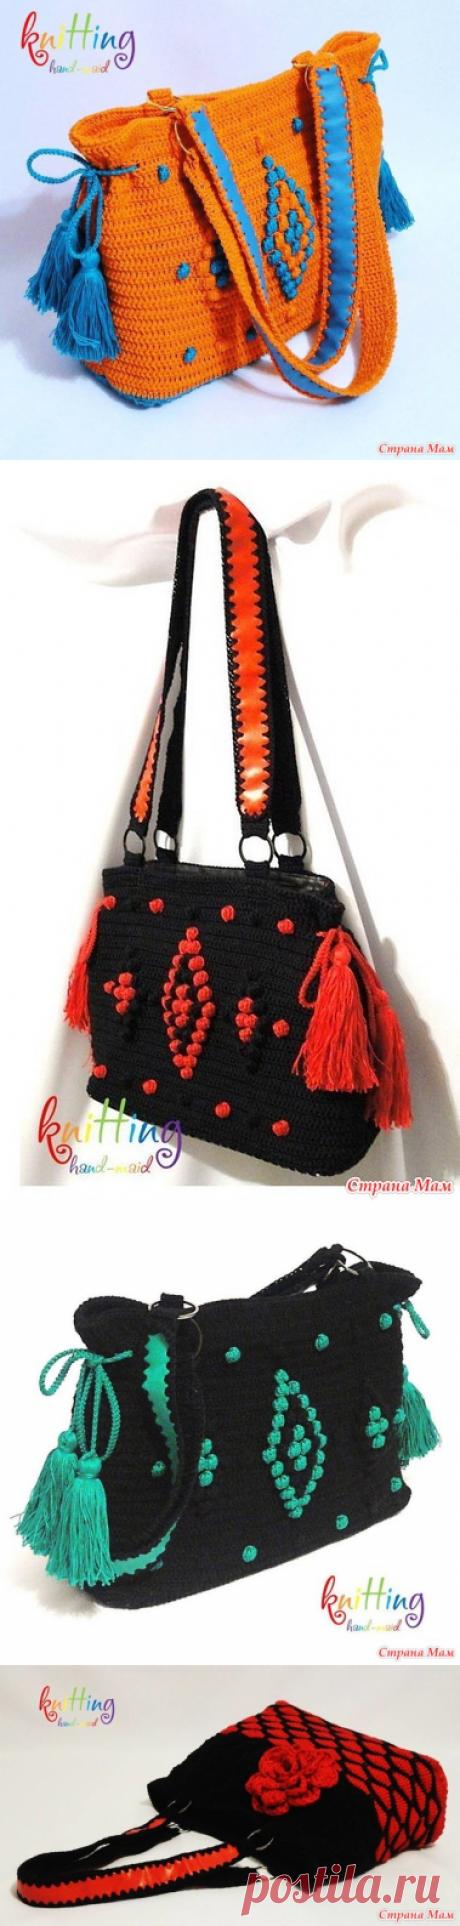 Вязаные сумки актуальны не только жарким летом... Часть 2 - Вязание - Страна Мам